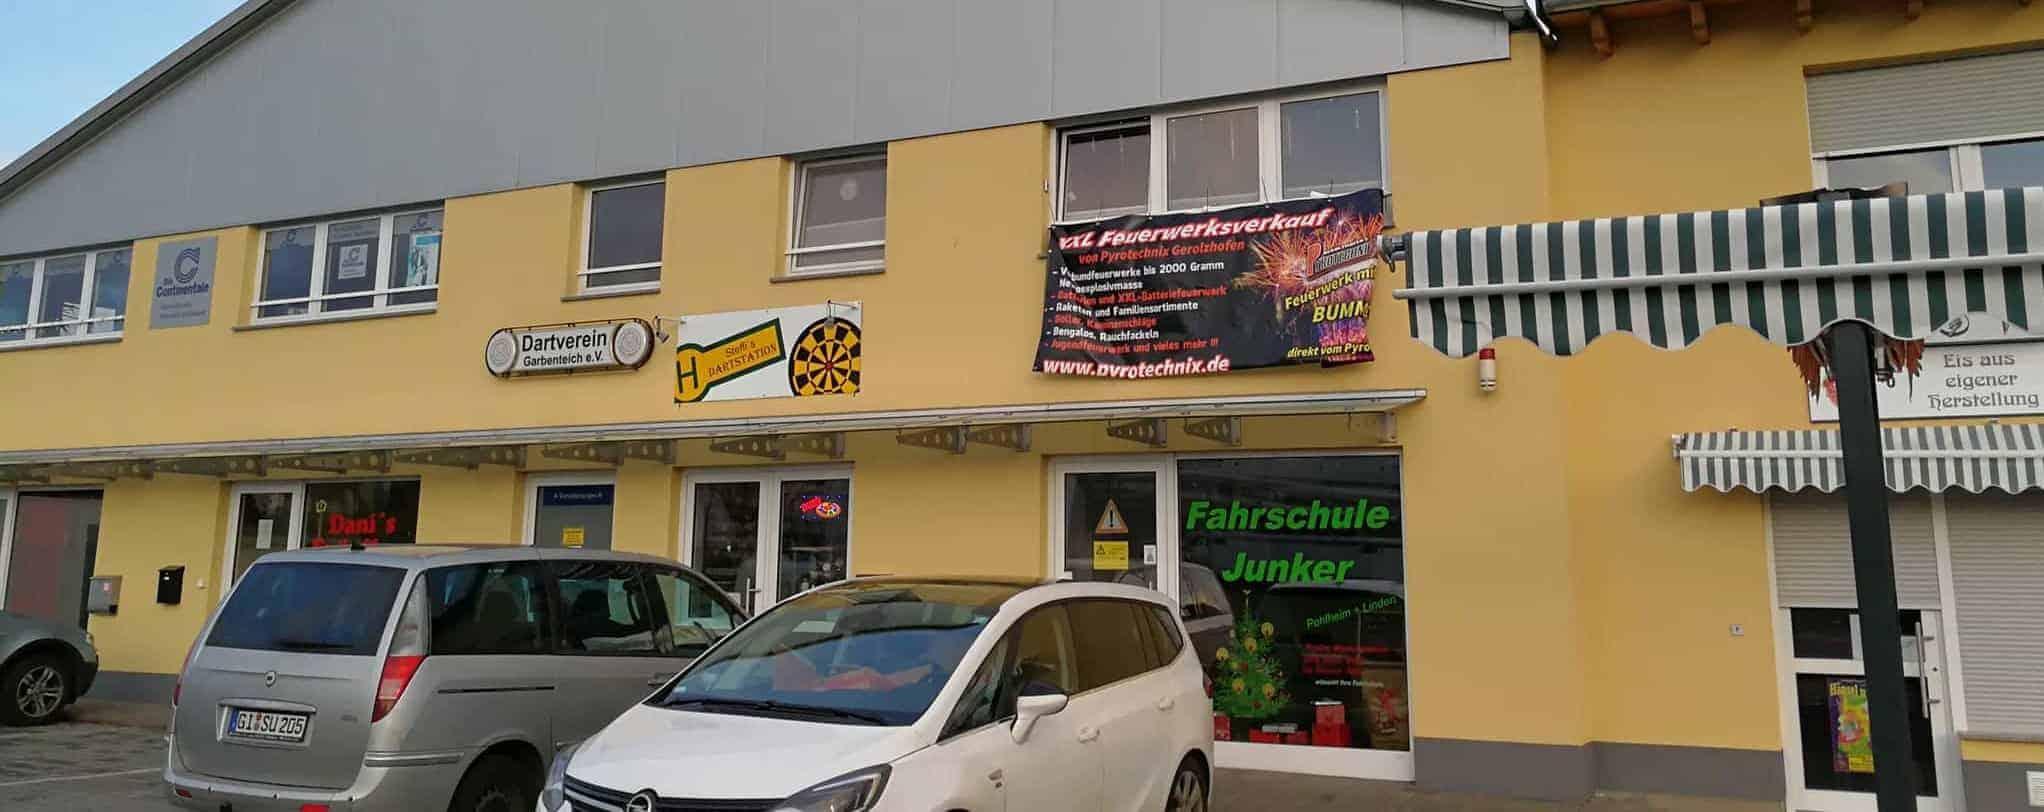 Feuerwerksverkauf Pohlheim (bei Gießen)